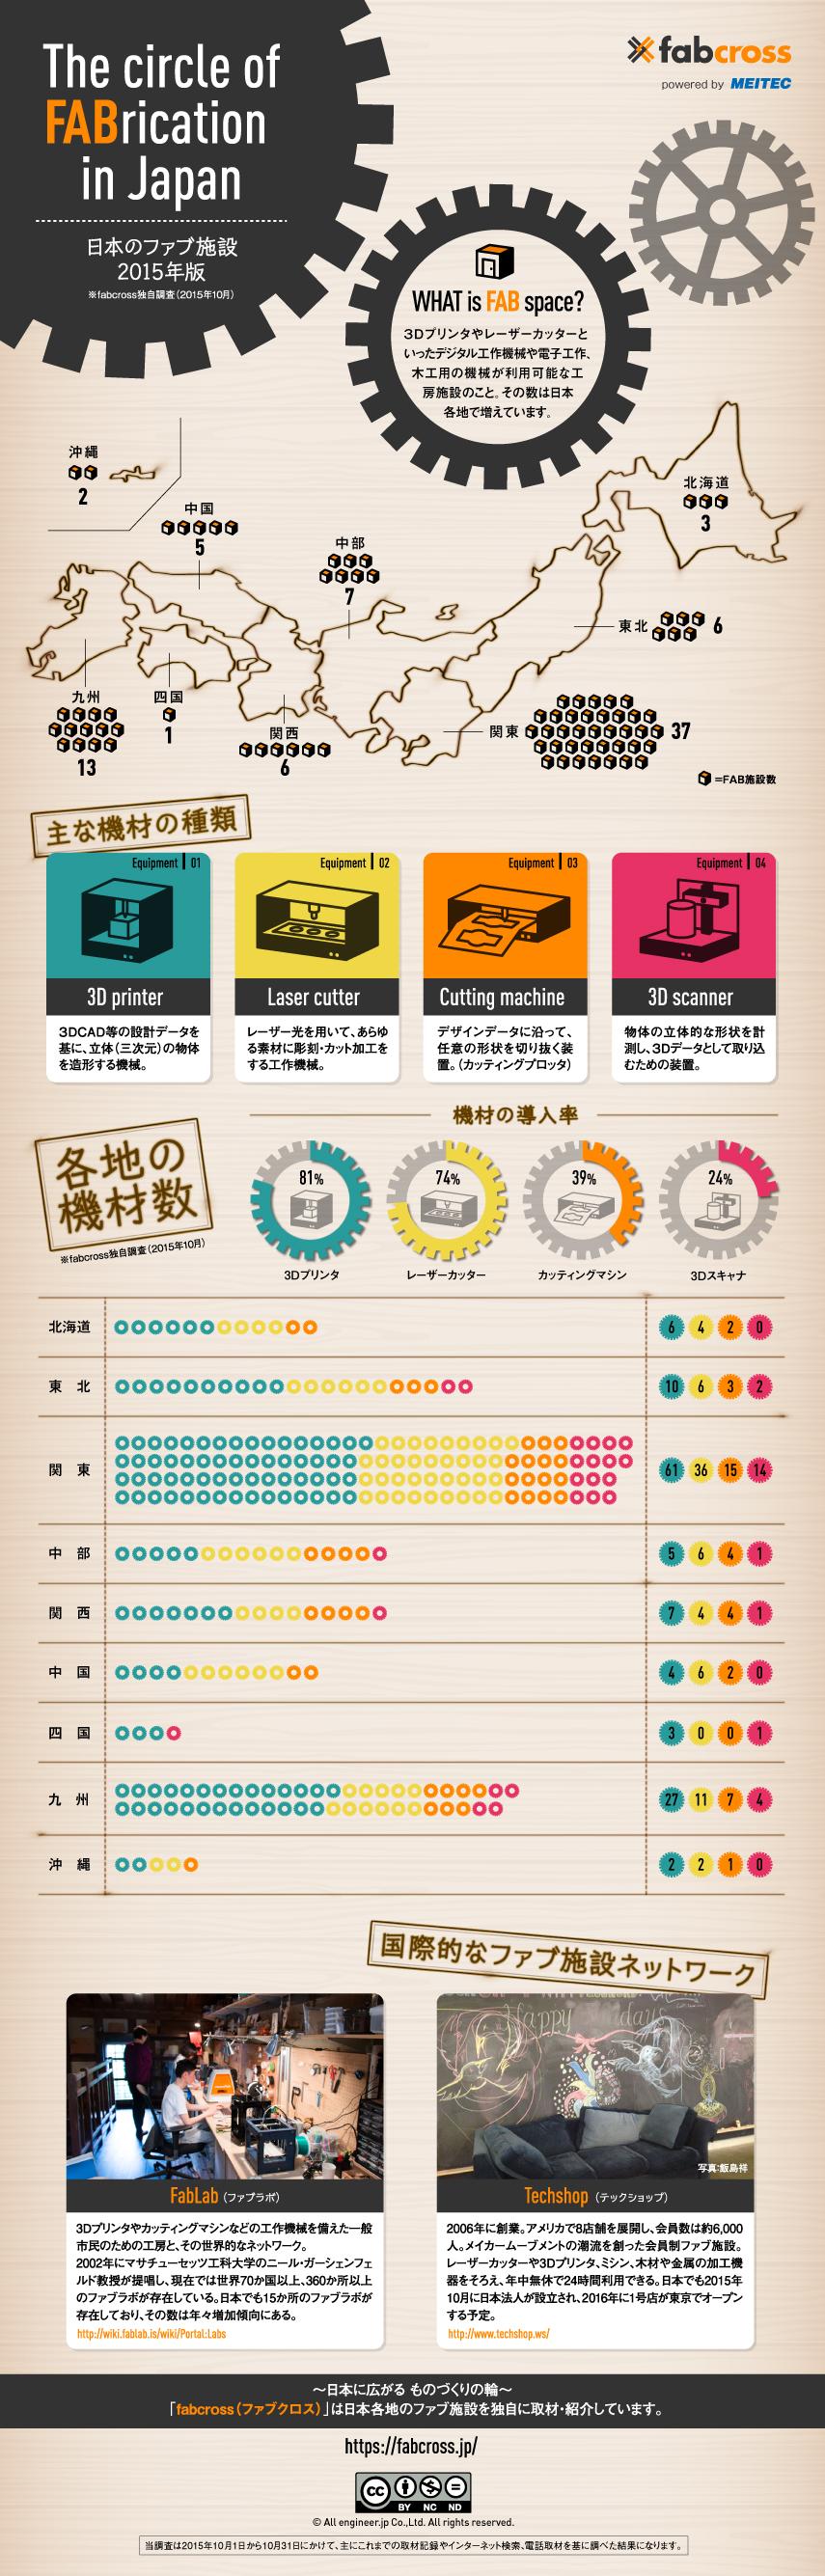 インフォグラフィック:3DプリンタなどのFab施設。日本のモノづくりは世界に追いつくのか